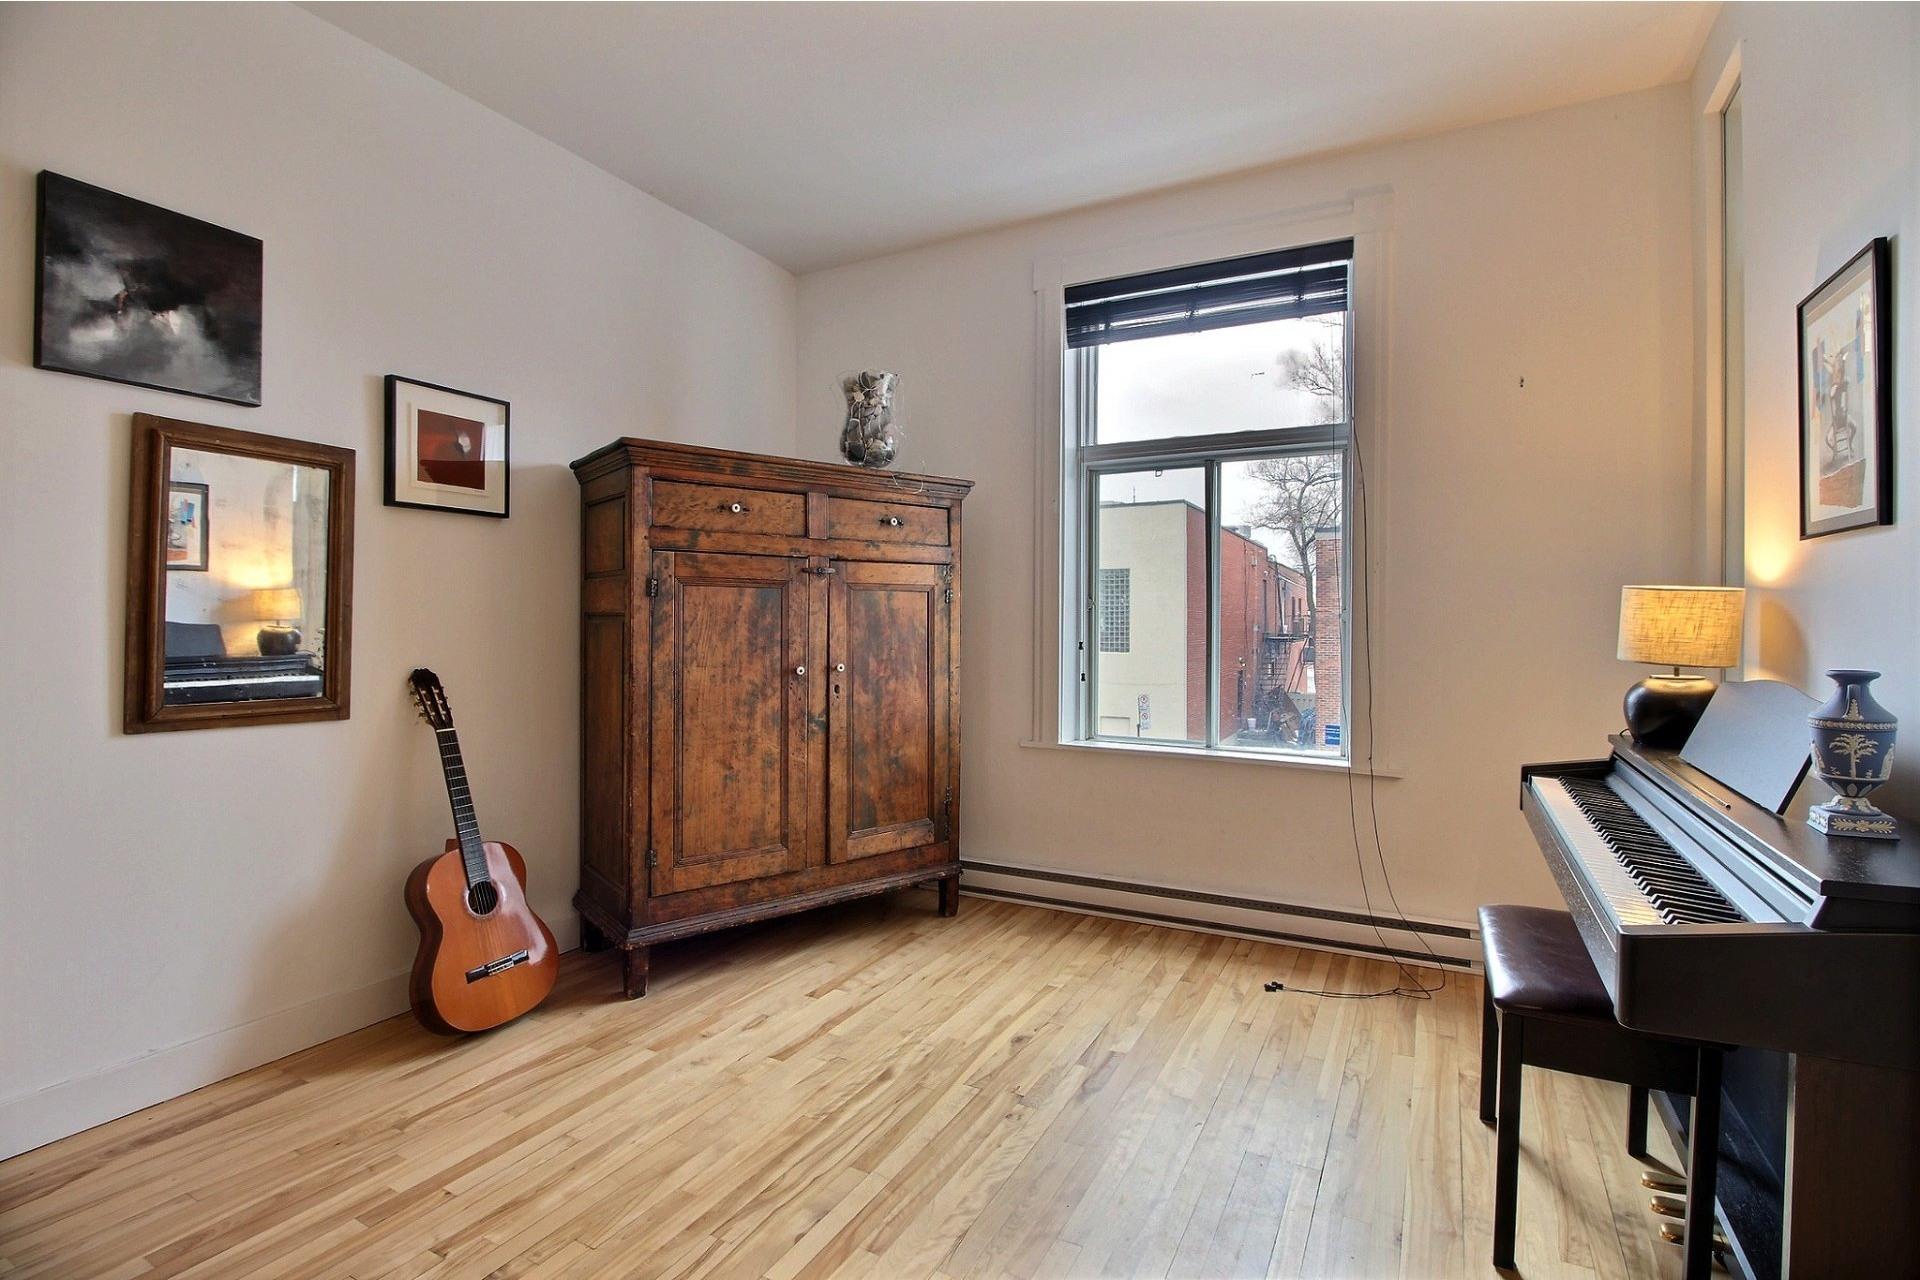 image 4 - Appartement À louer Montréal Ahuntsic-Cartierville  - 2 pièces